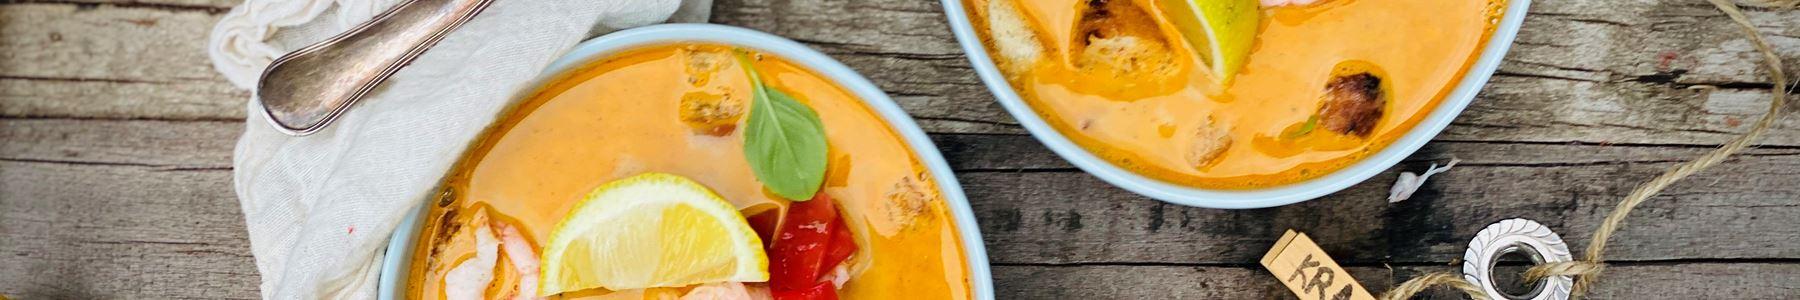 Tomat + Fisk og skaldyr